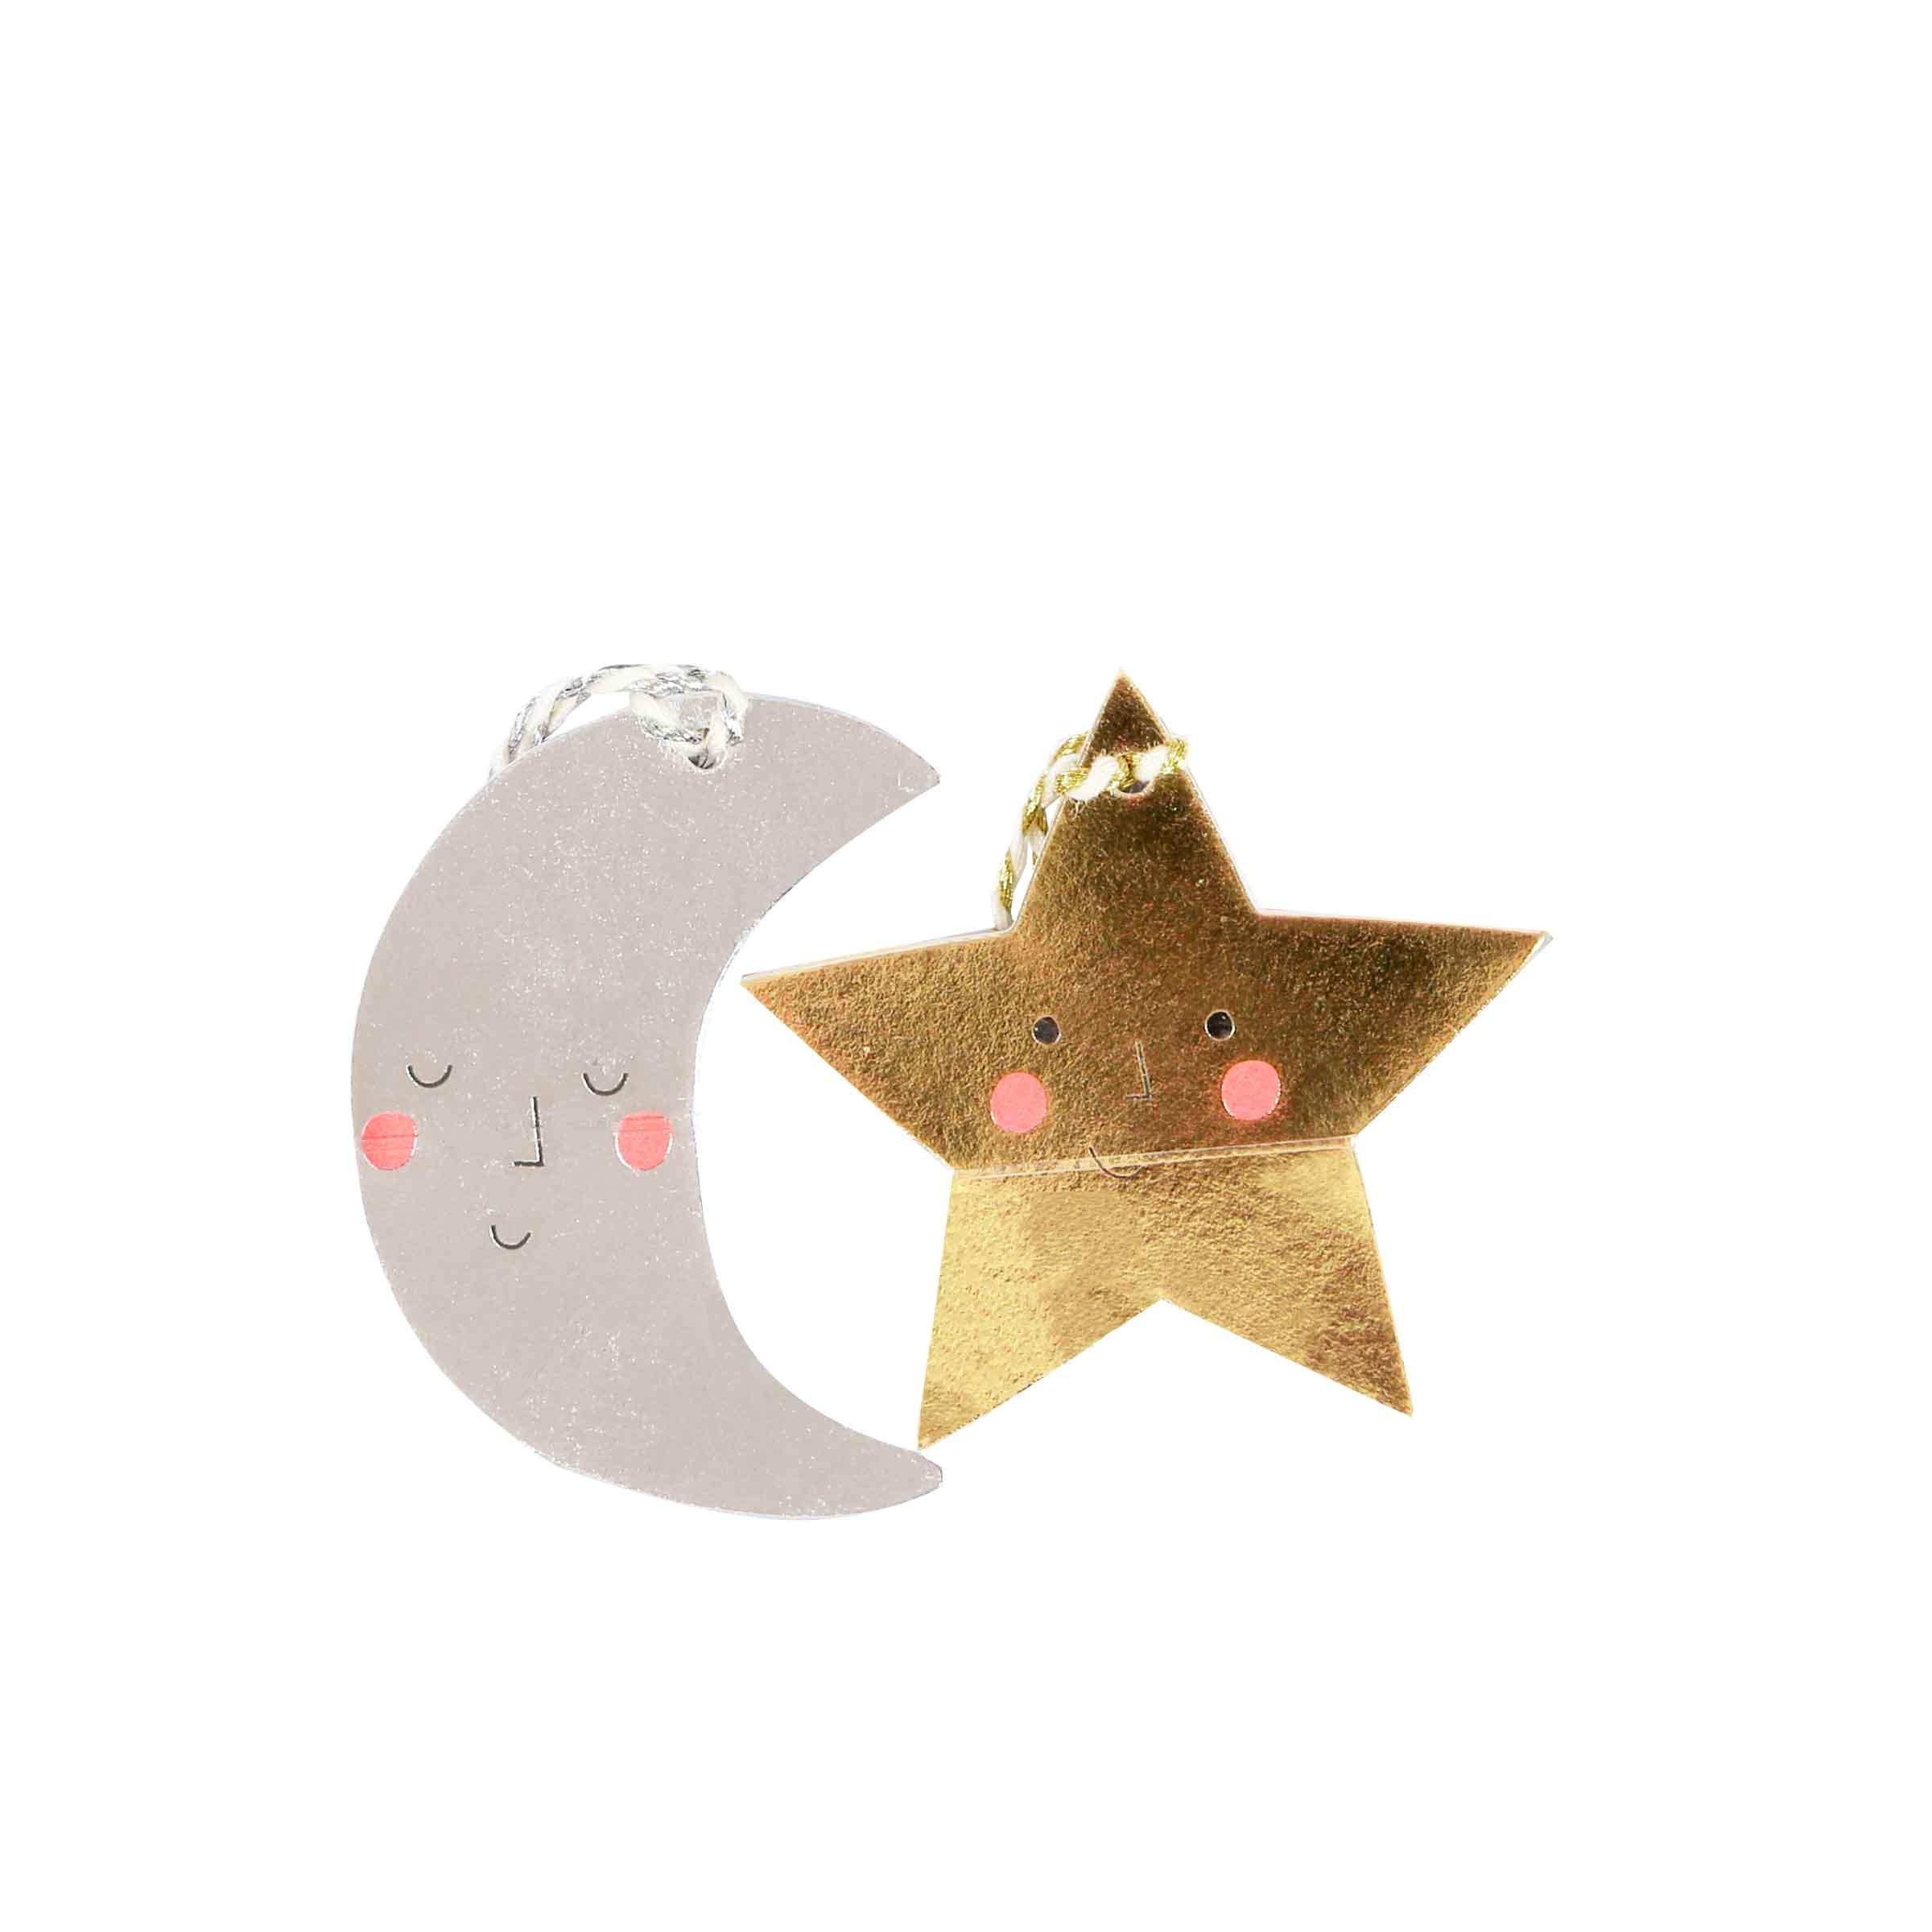 étiquettes de noël en forme d'étoiles ou de lunes pour paquets cadeaux